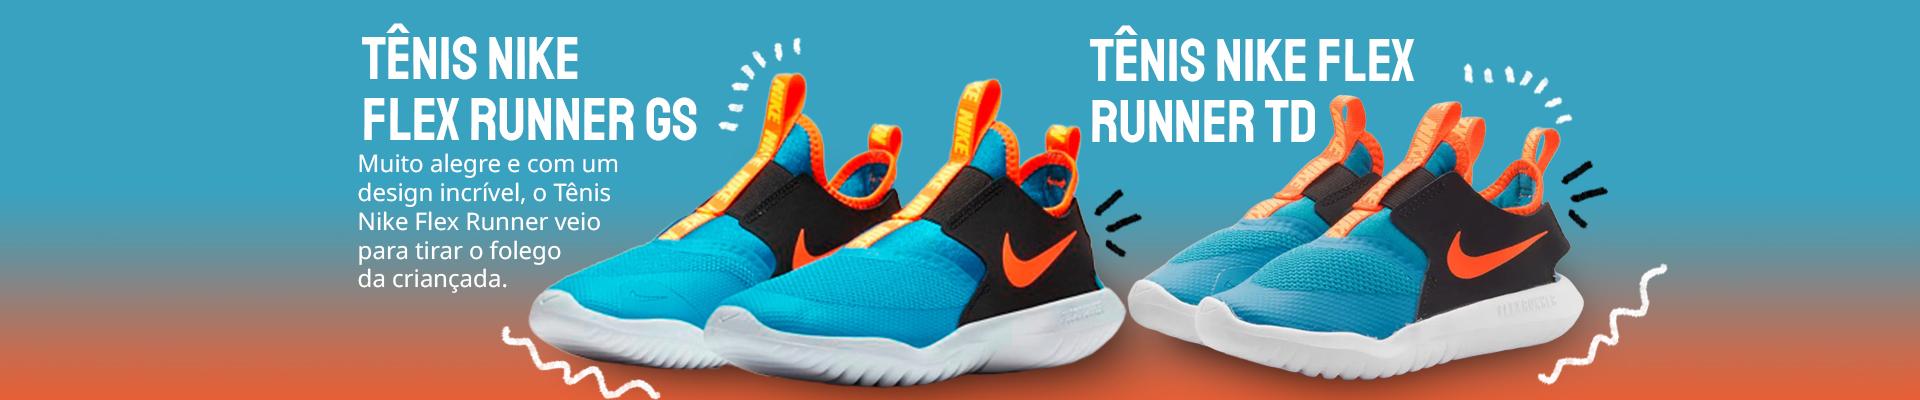 Tenis-Nike-Flex-Runner